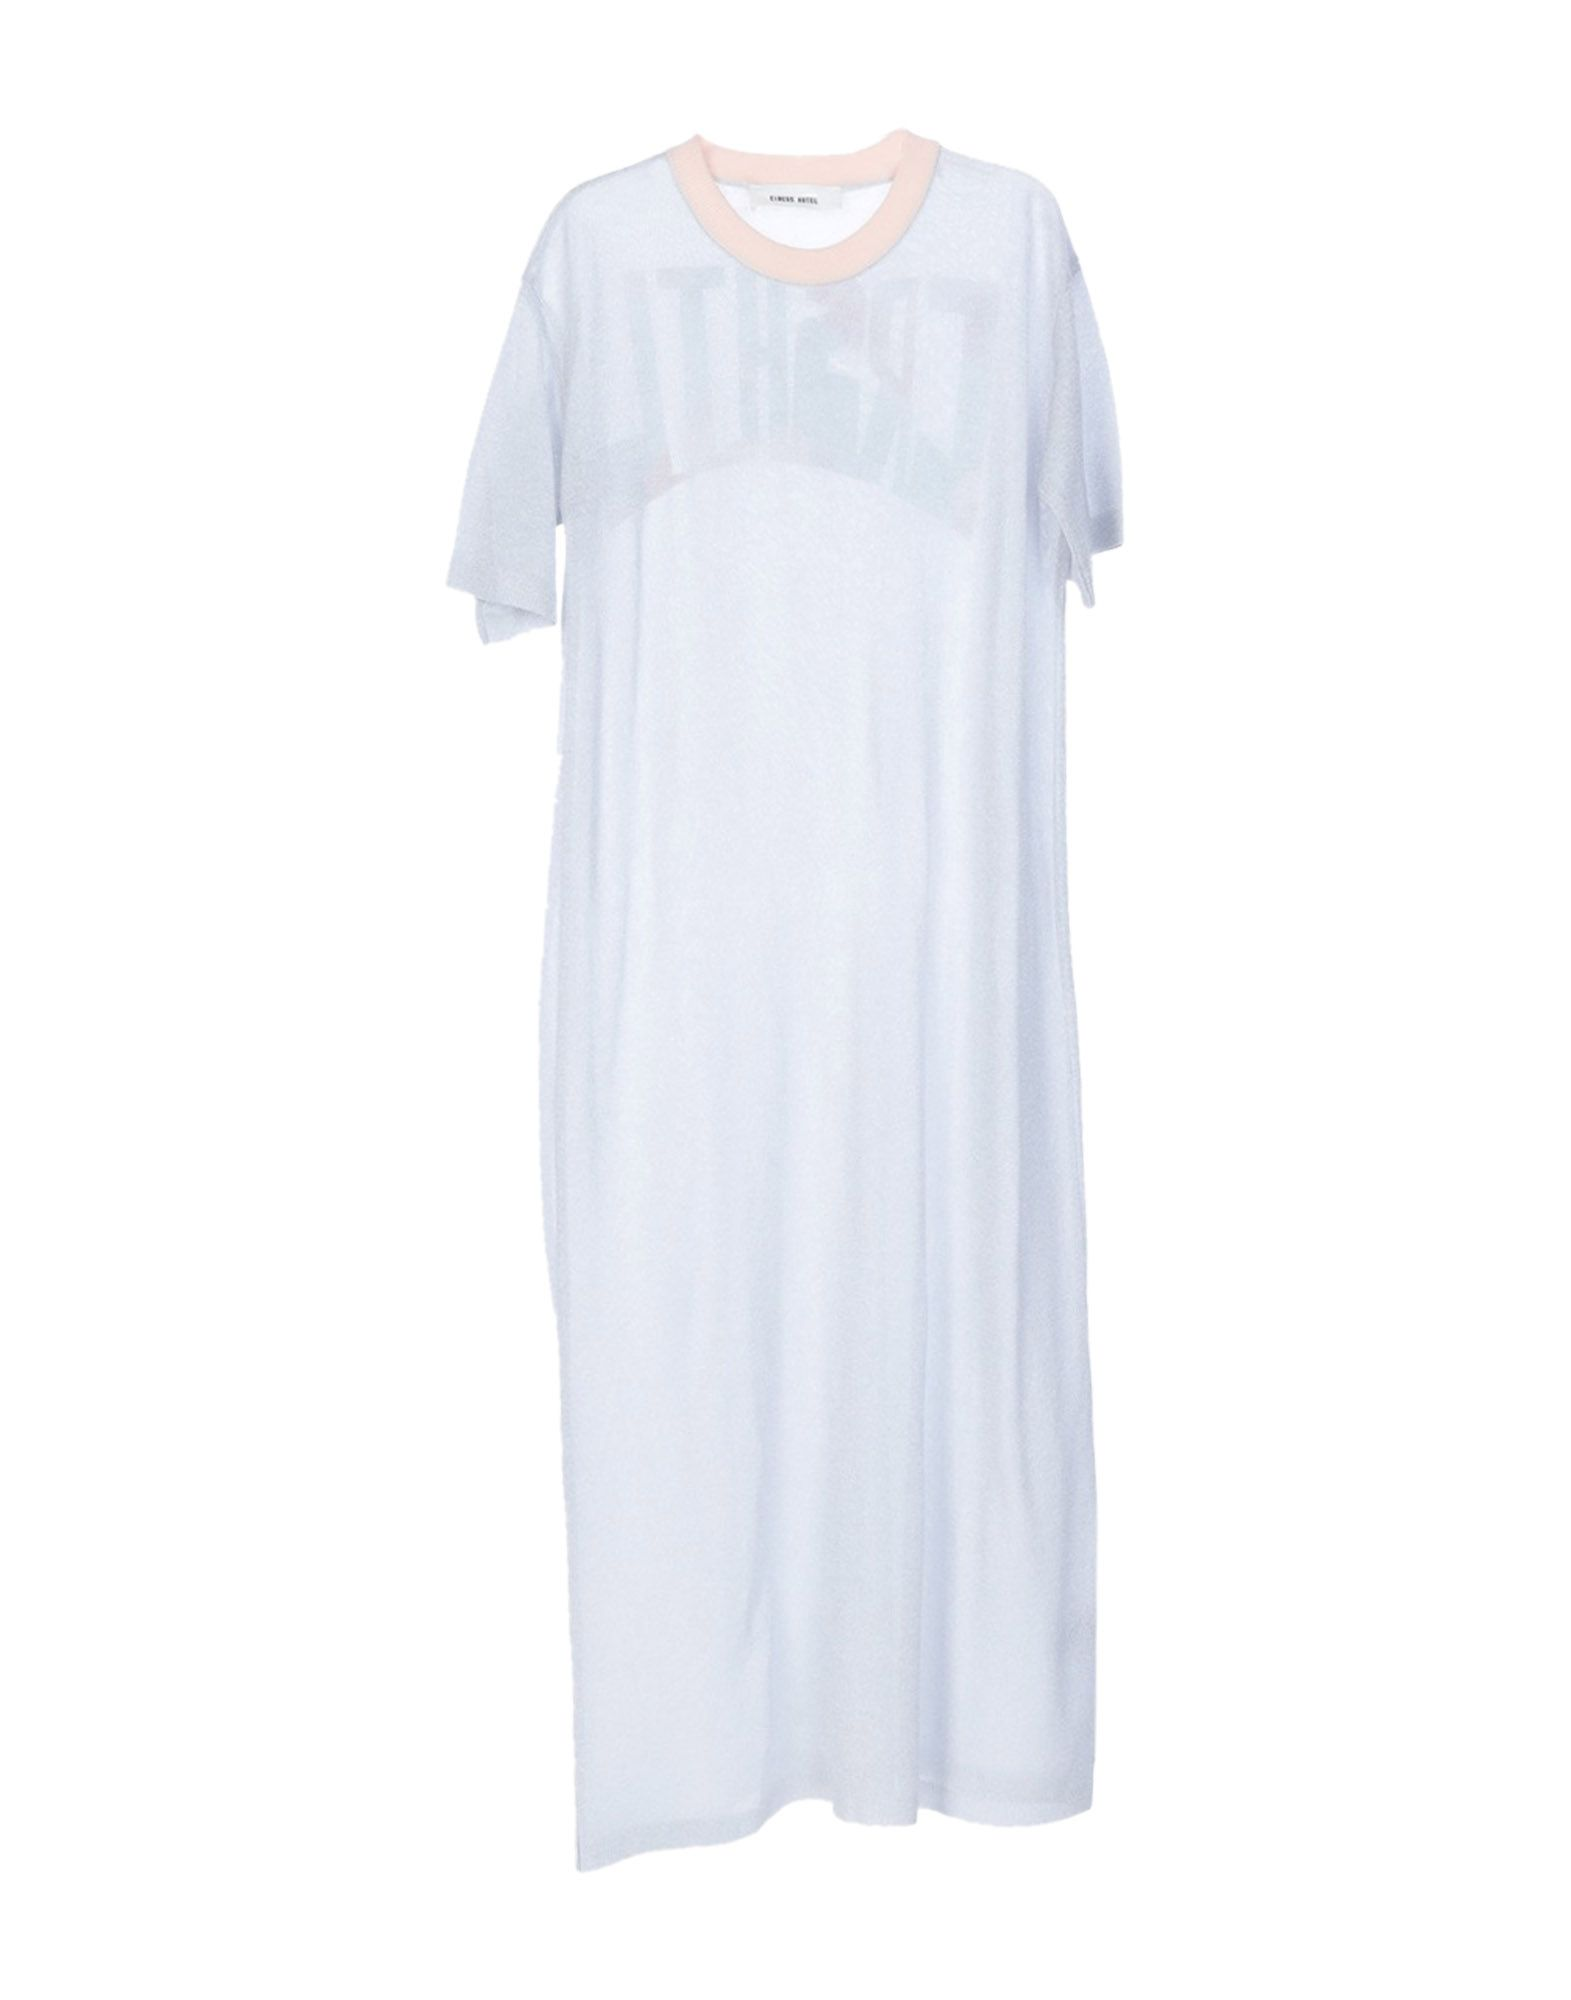 CIRCUS HOTEL Платье длиной 3/4